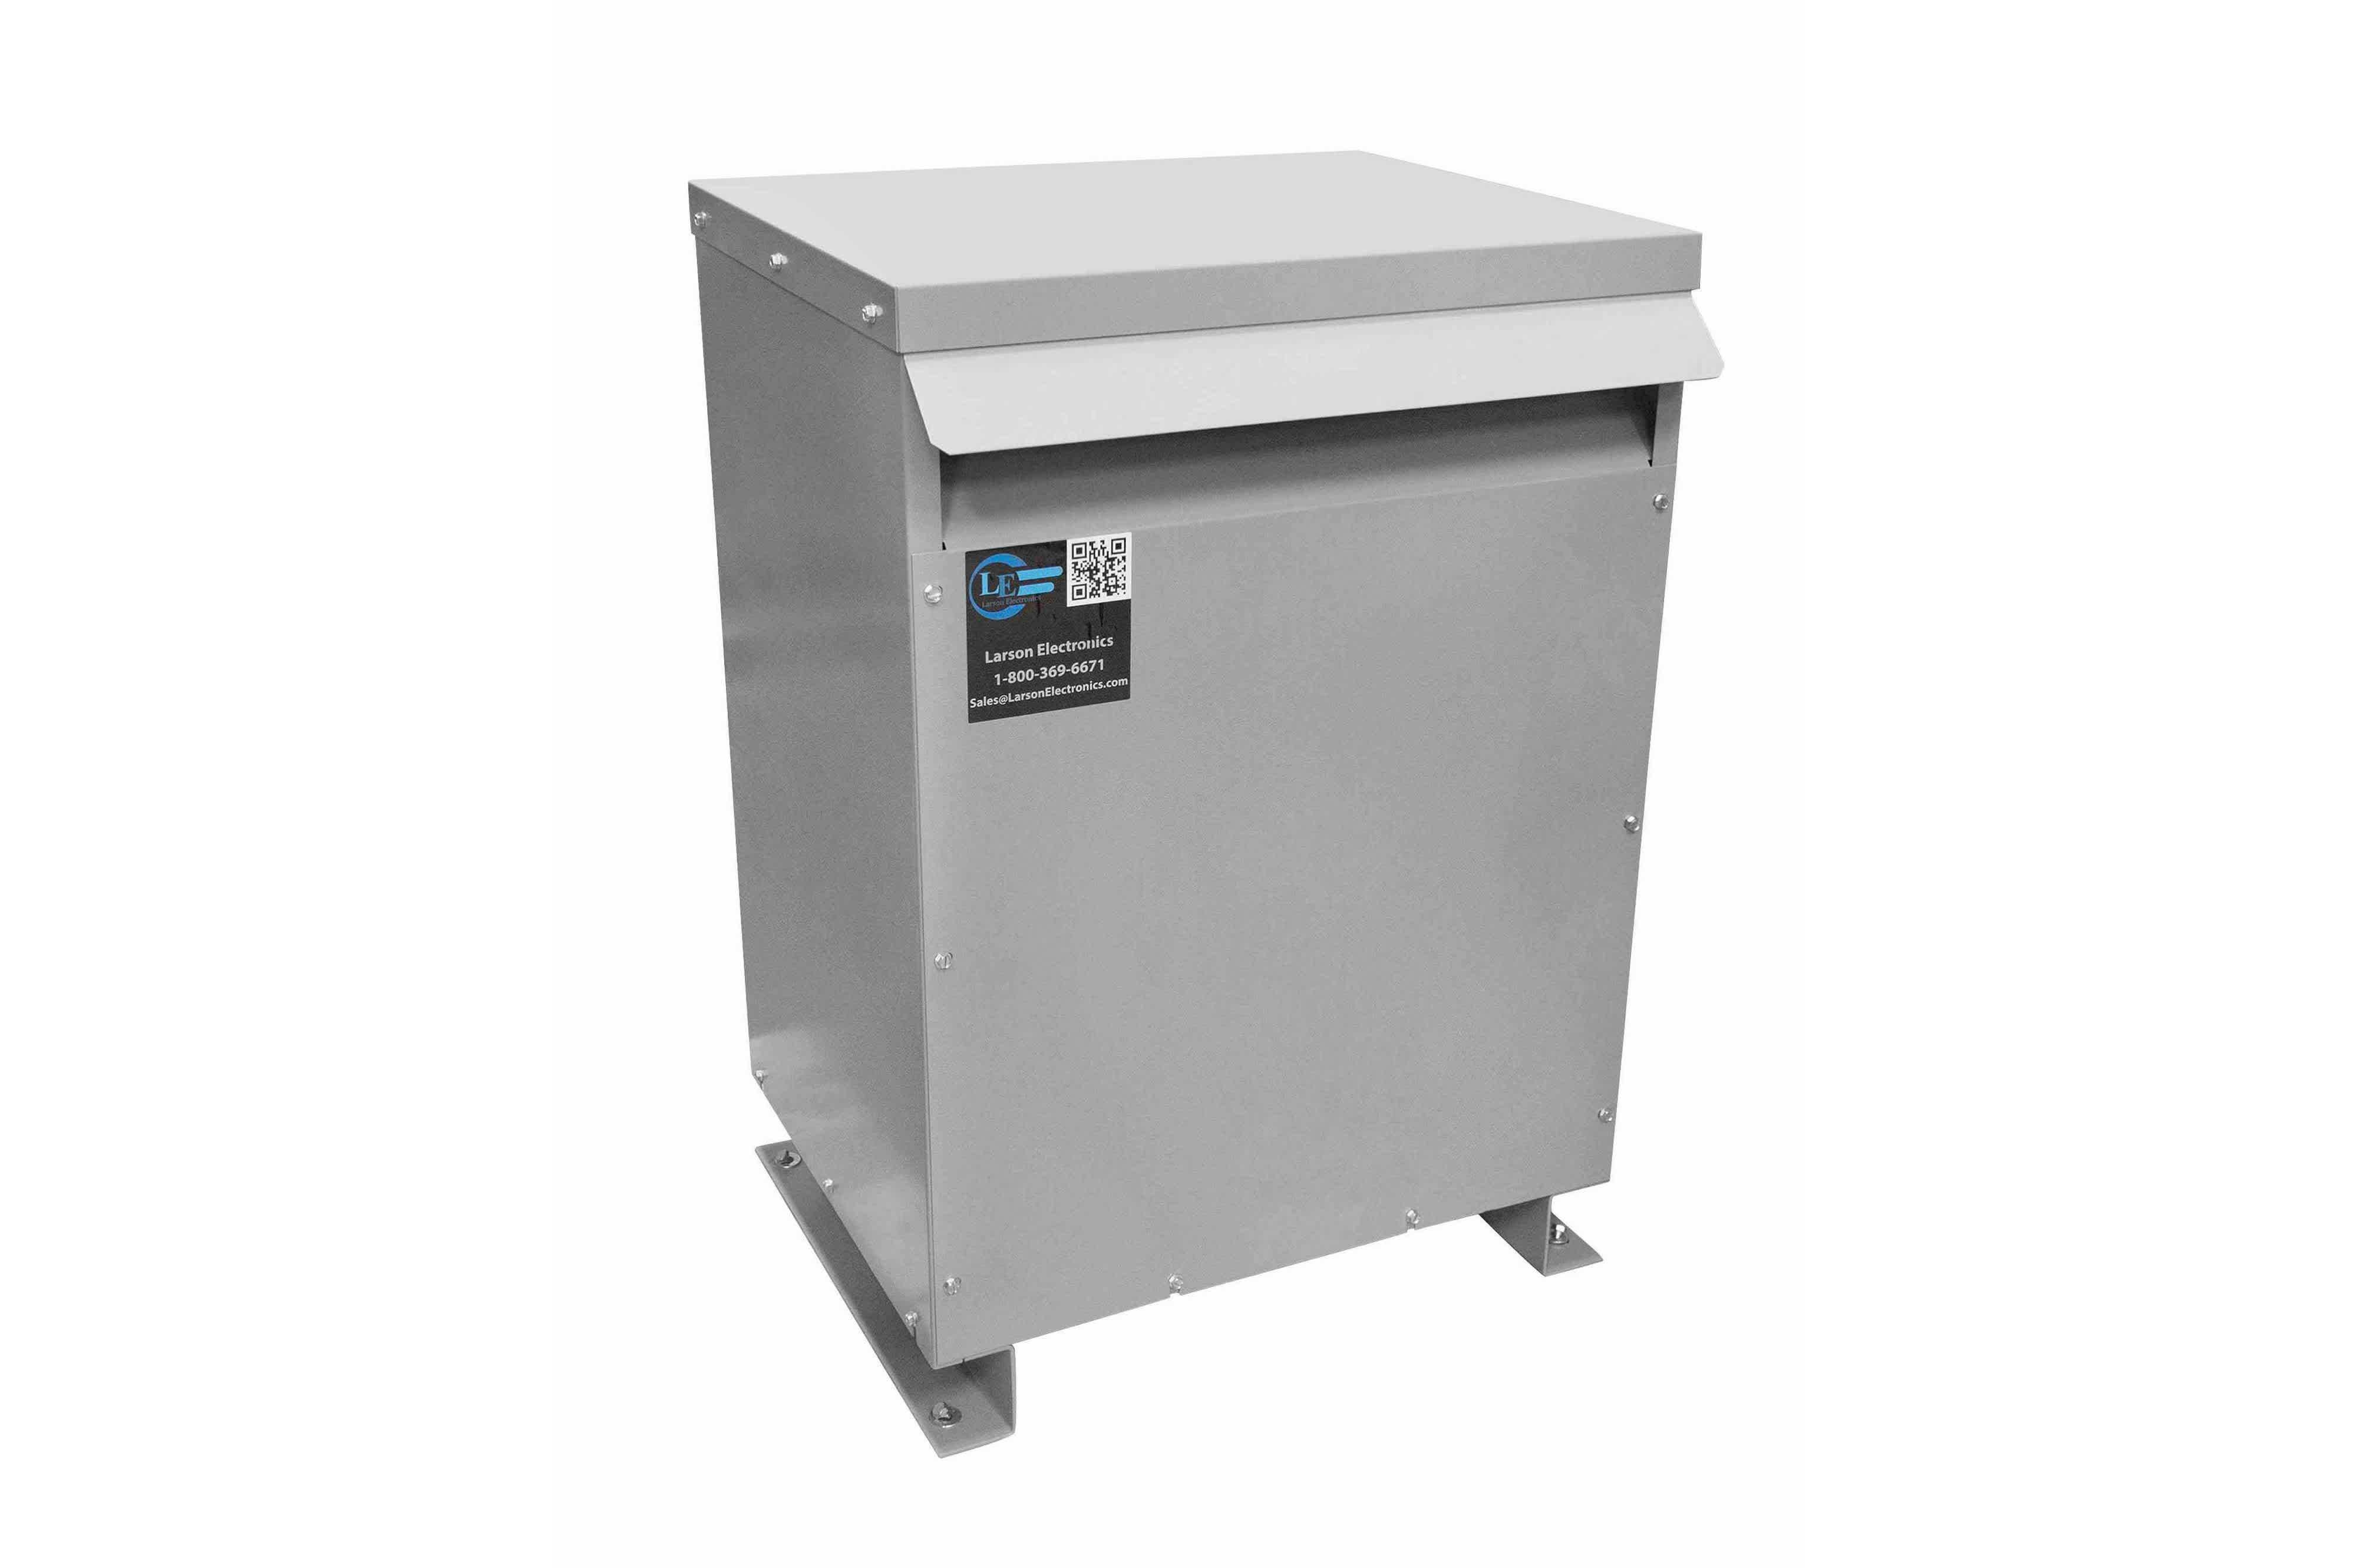 750 kVA 3PH Isolation Transformer, 240V Delta Primary, 480V Delta Secondary, N3R, Ventilated, 60 Hz